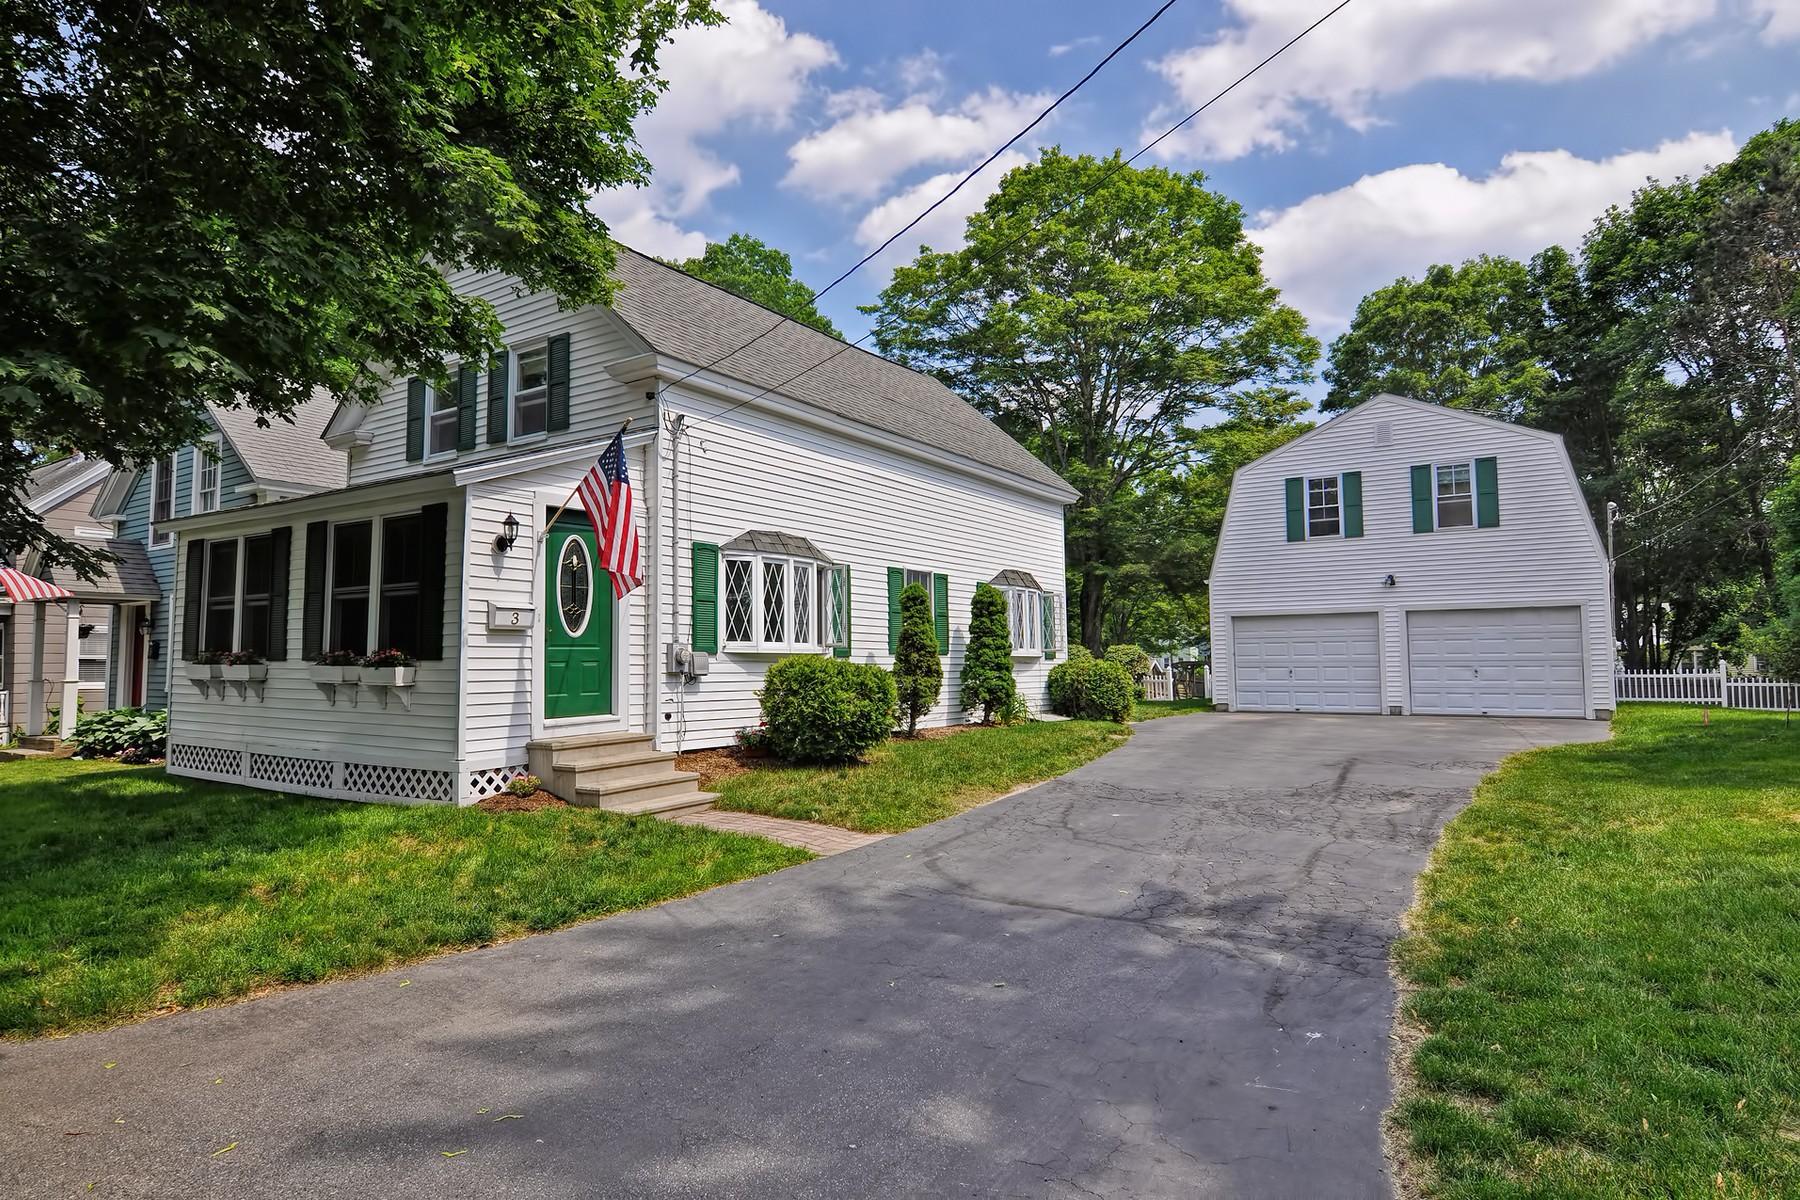 단독 가정 주택 용 매매 에 Quaint New England Colonial Near Downtown Westborough 3 Elm Street Westborough, 매사추세츠, 01581 미국